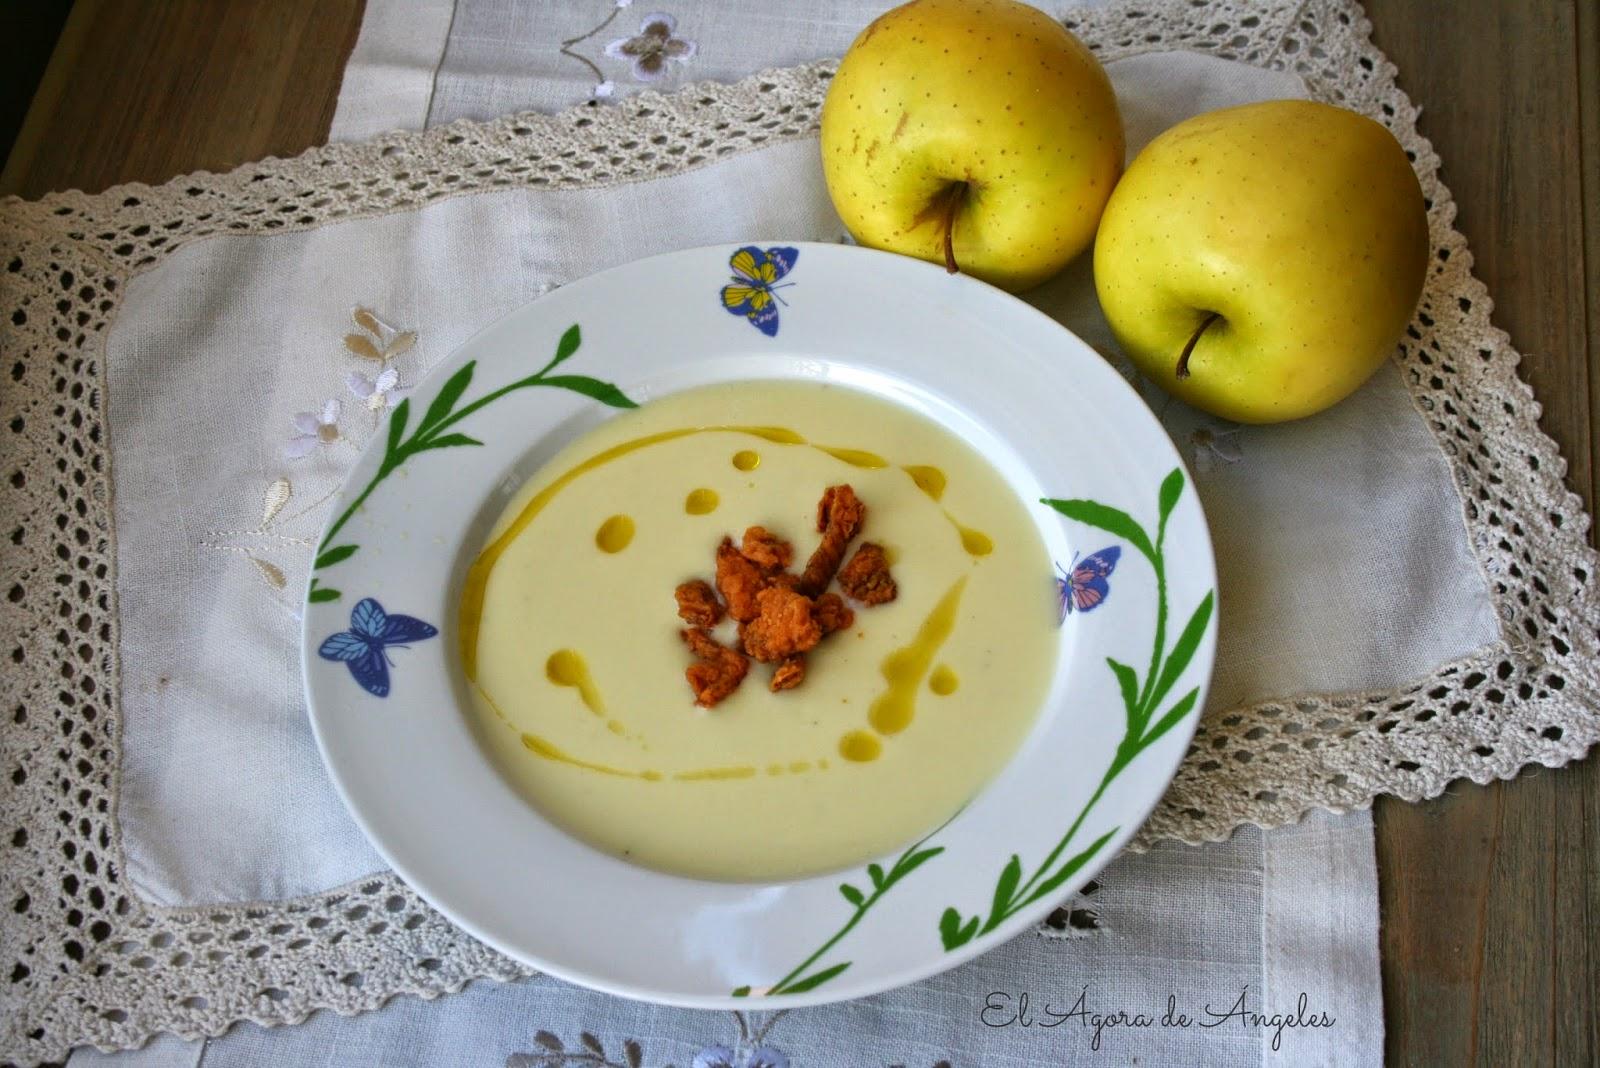 crema de calabacín y manzana,queso de cabra